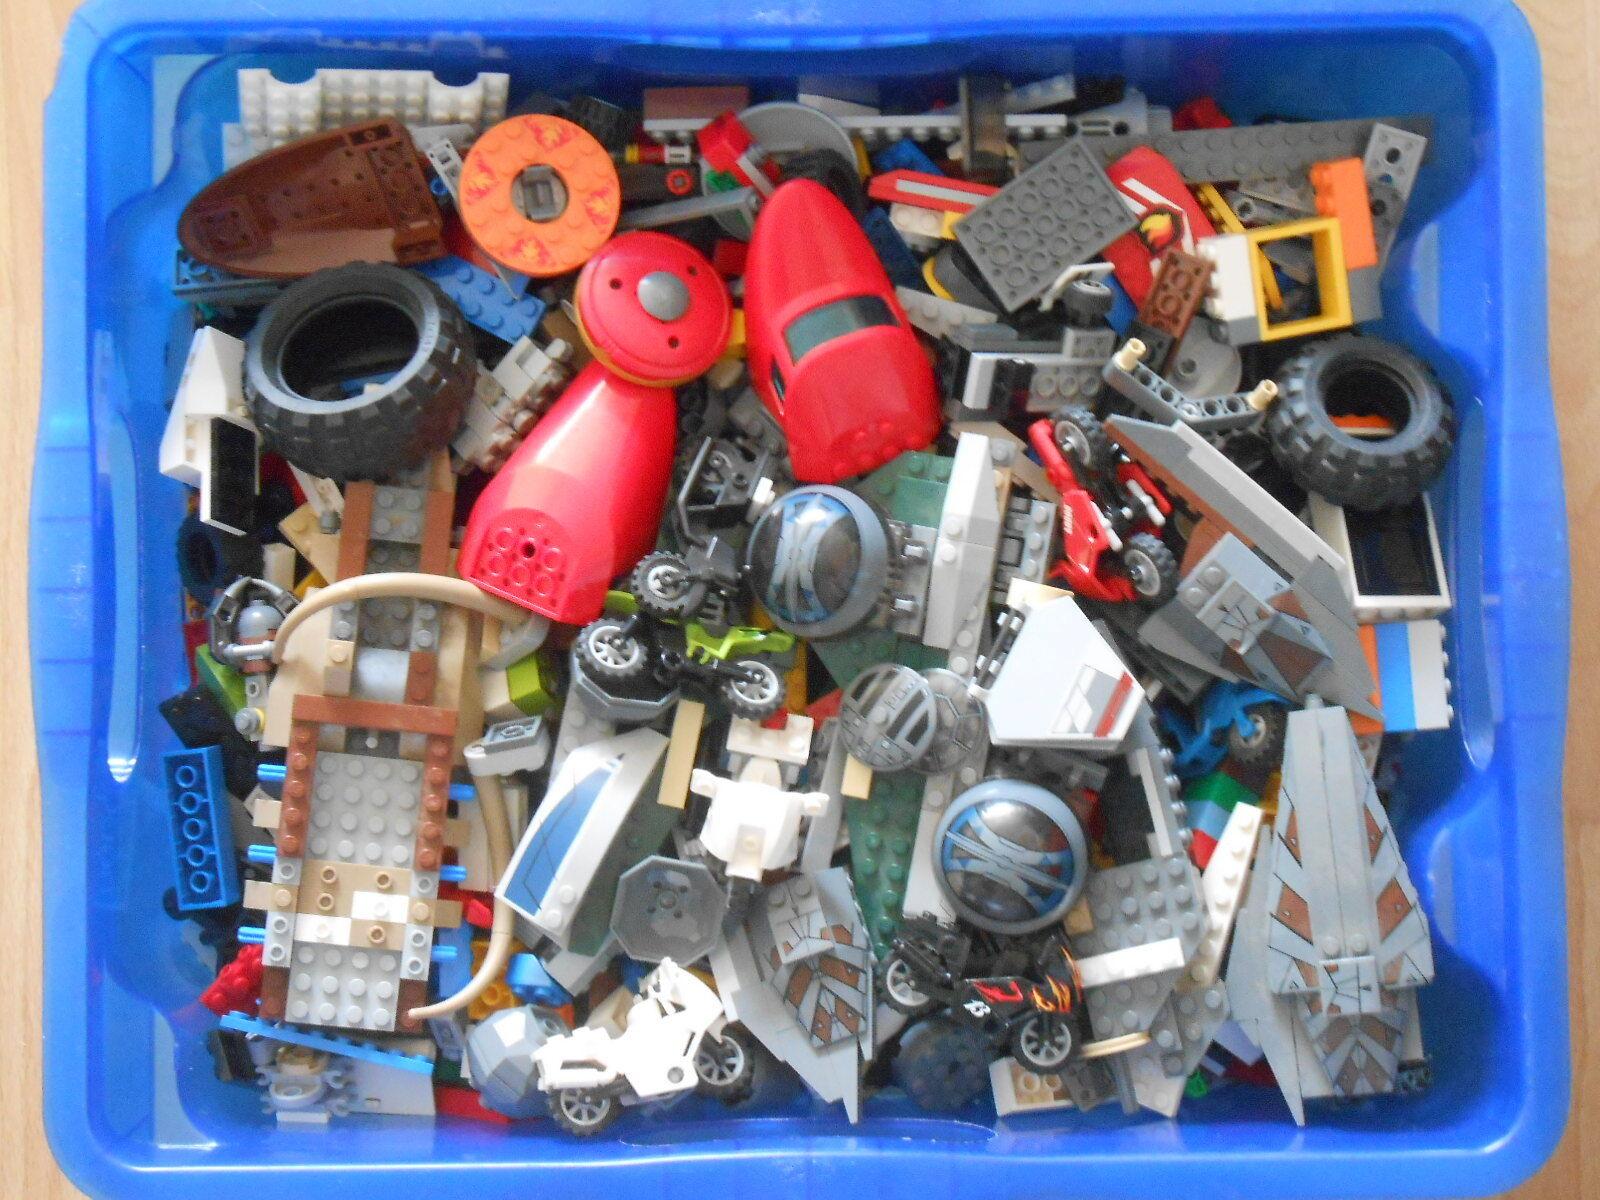 Lego liasse-principaleHommes t t t Star Wars, Technique Pièces, City, etc. Ca 15 kg # propre # 29d69a